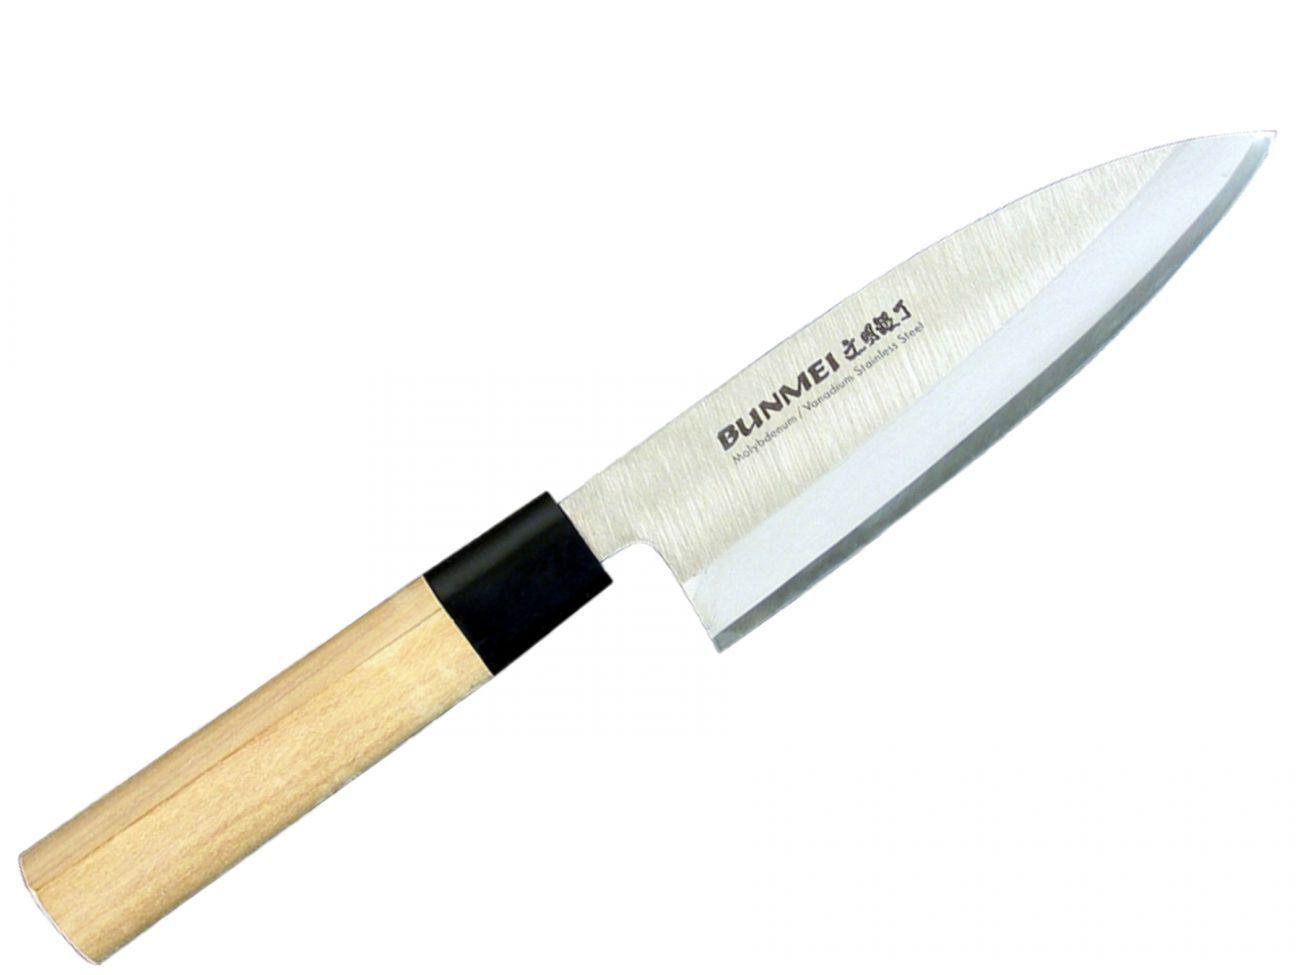 Bunmei 1801 165 DEBA COLTELLO COLTELLO CUCINA IN LEGNO Giappone ROSTFREI 16,5 cm